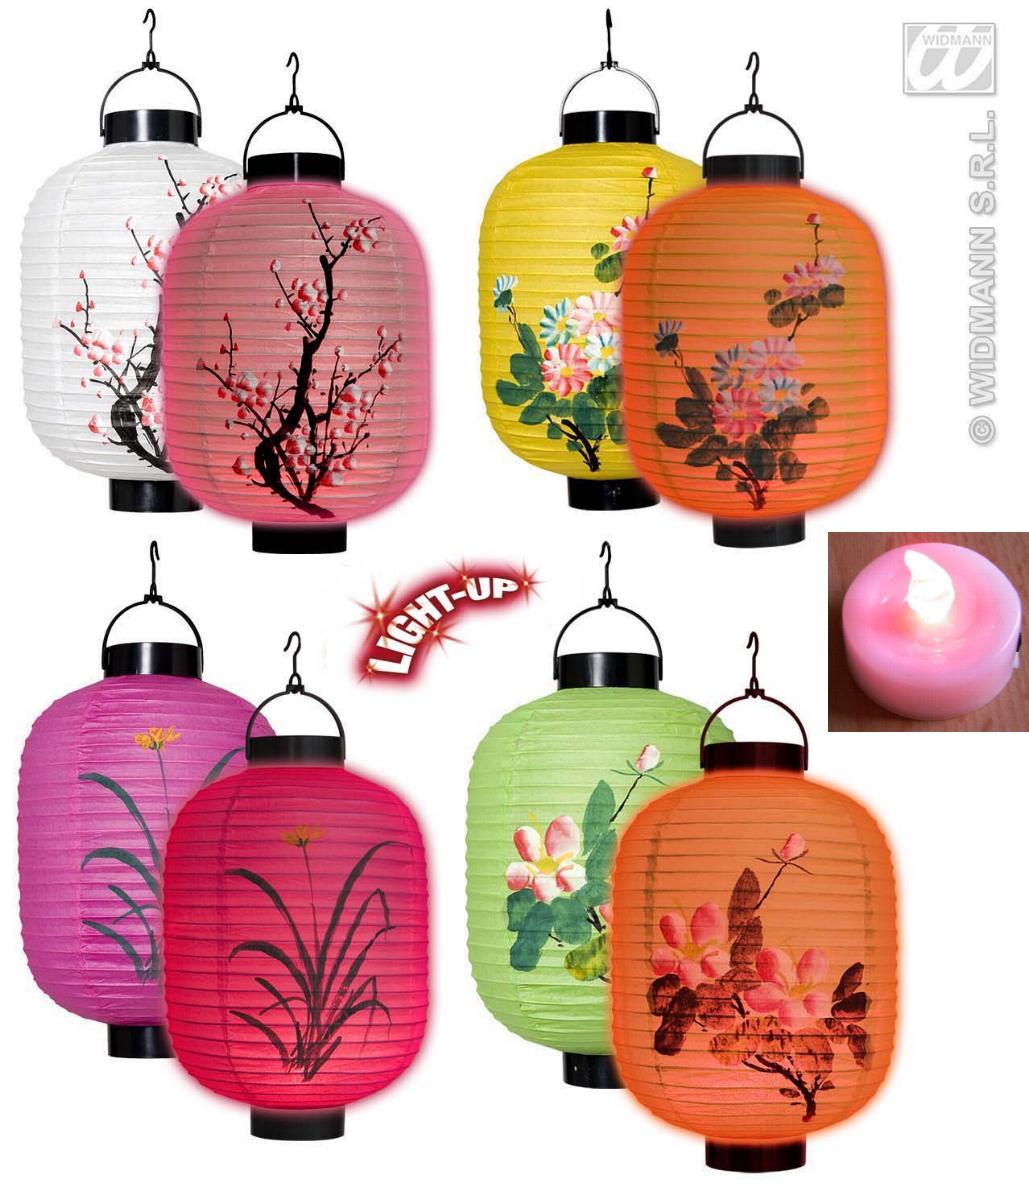 chinesische lampion laterne licht gelb gr n wei pink. Black Bedroom Furniture Sets. Home Design Ideas